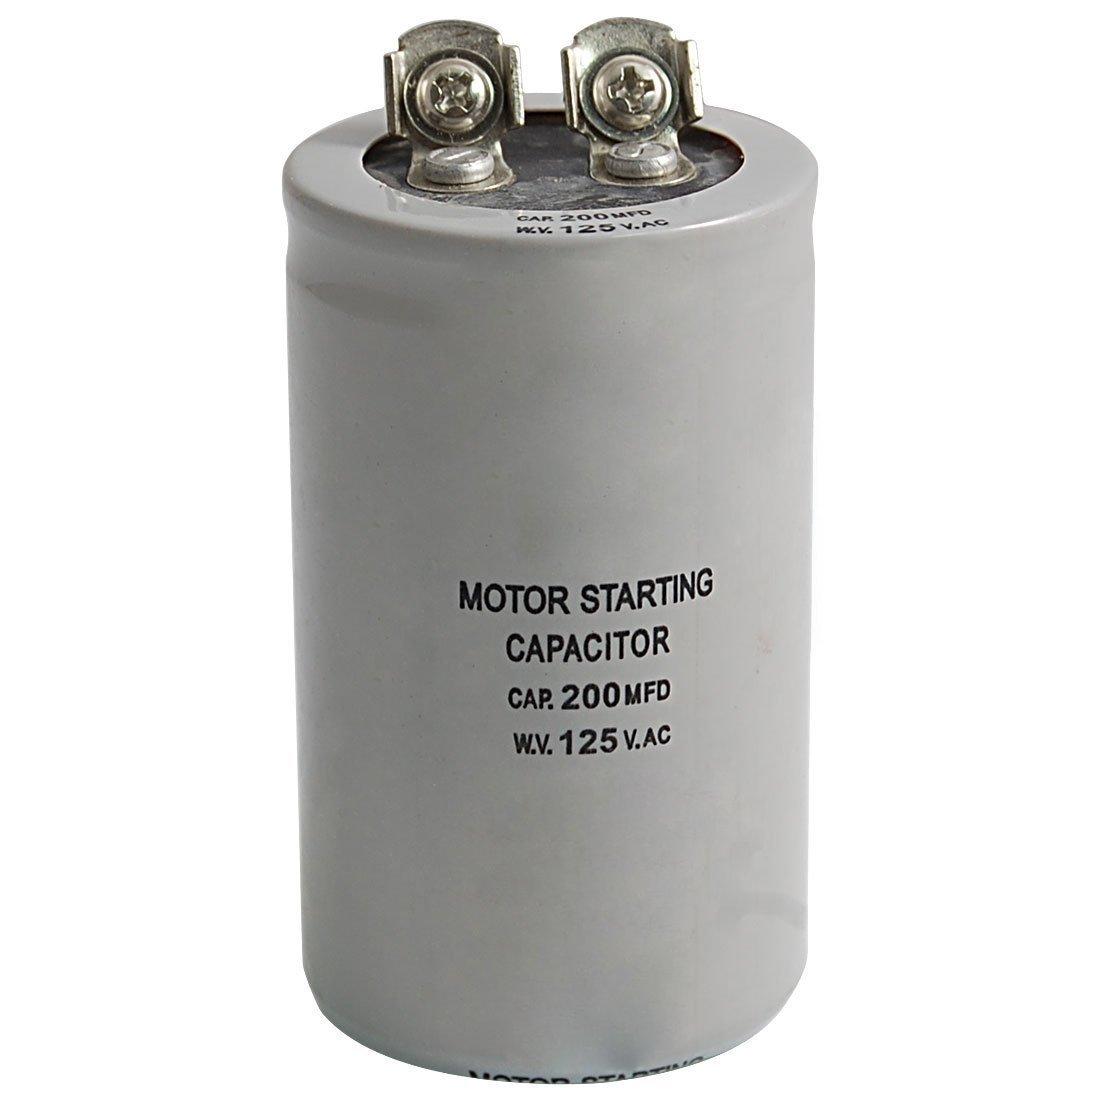 TOOGOO(R) AC 125V 200uF 200MFD 2 Terminales Condensador de arranque del motor 010692